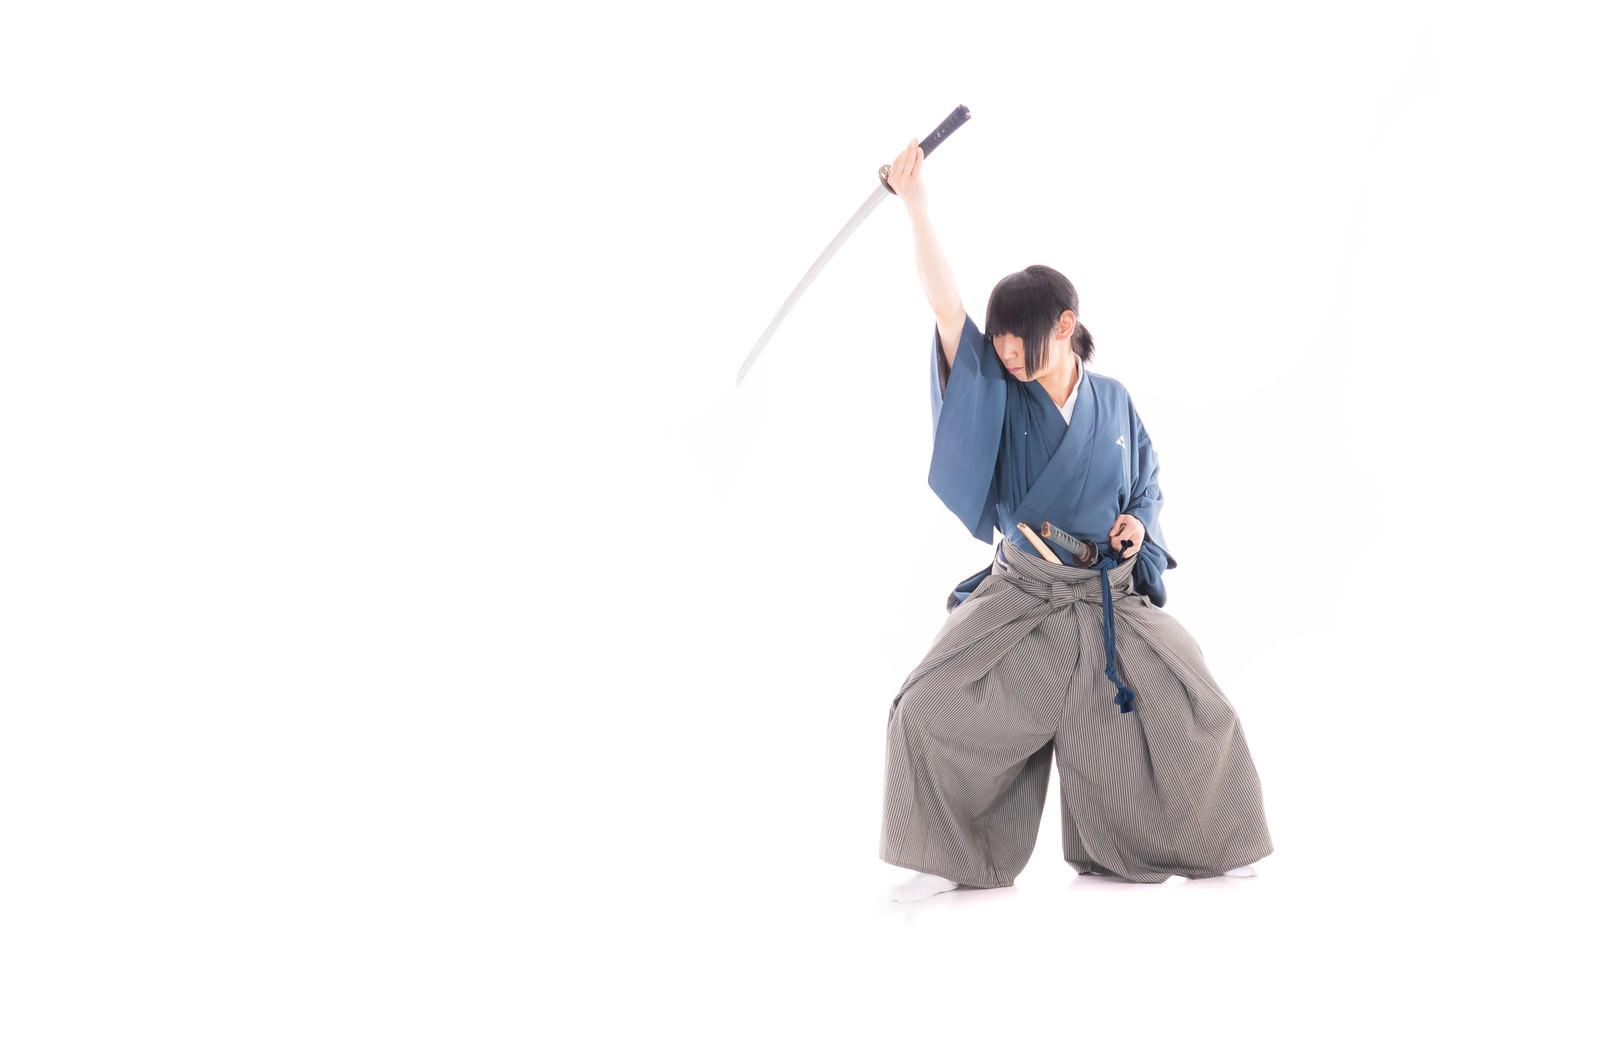 「斬りあげる侍」の写真